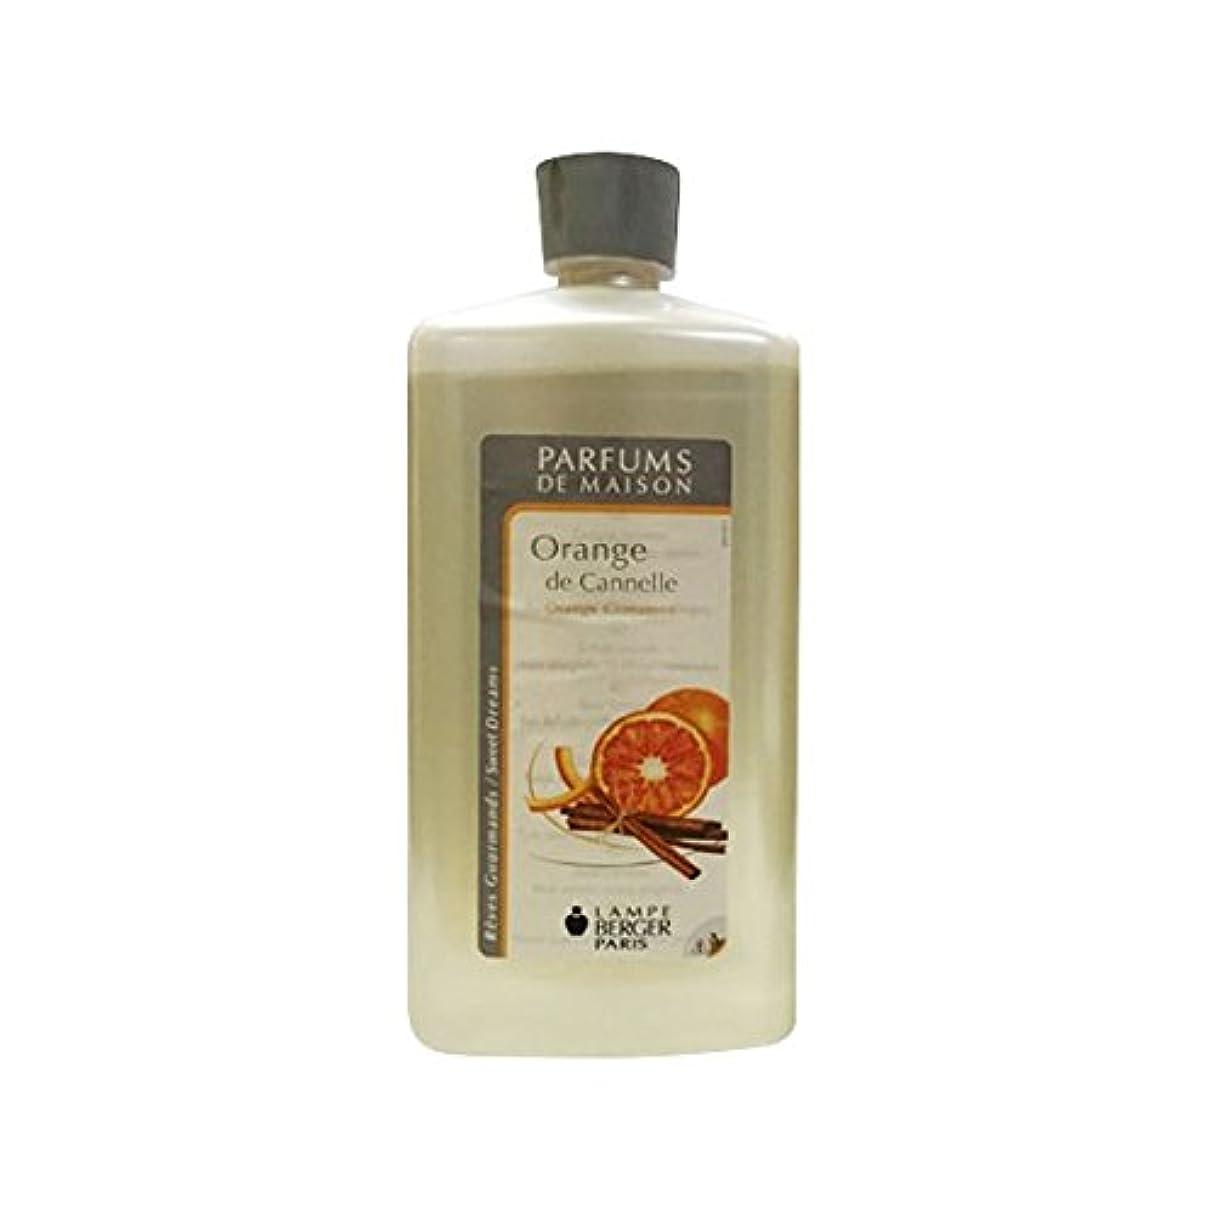 急襲忠実から聞くランプベルジェオイル(オレンジシナモン)Orange de Cannelle / Orange Cinnamon